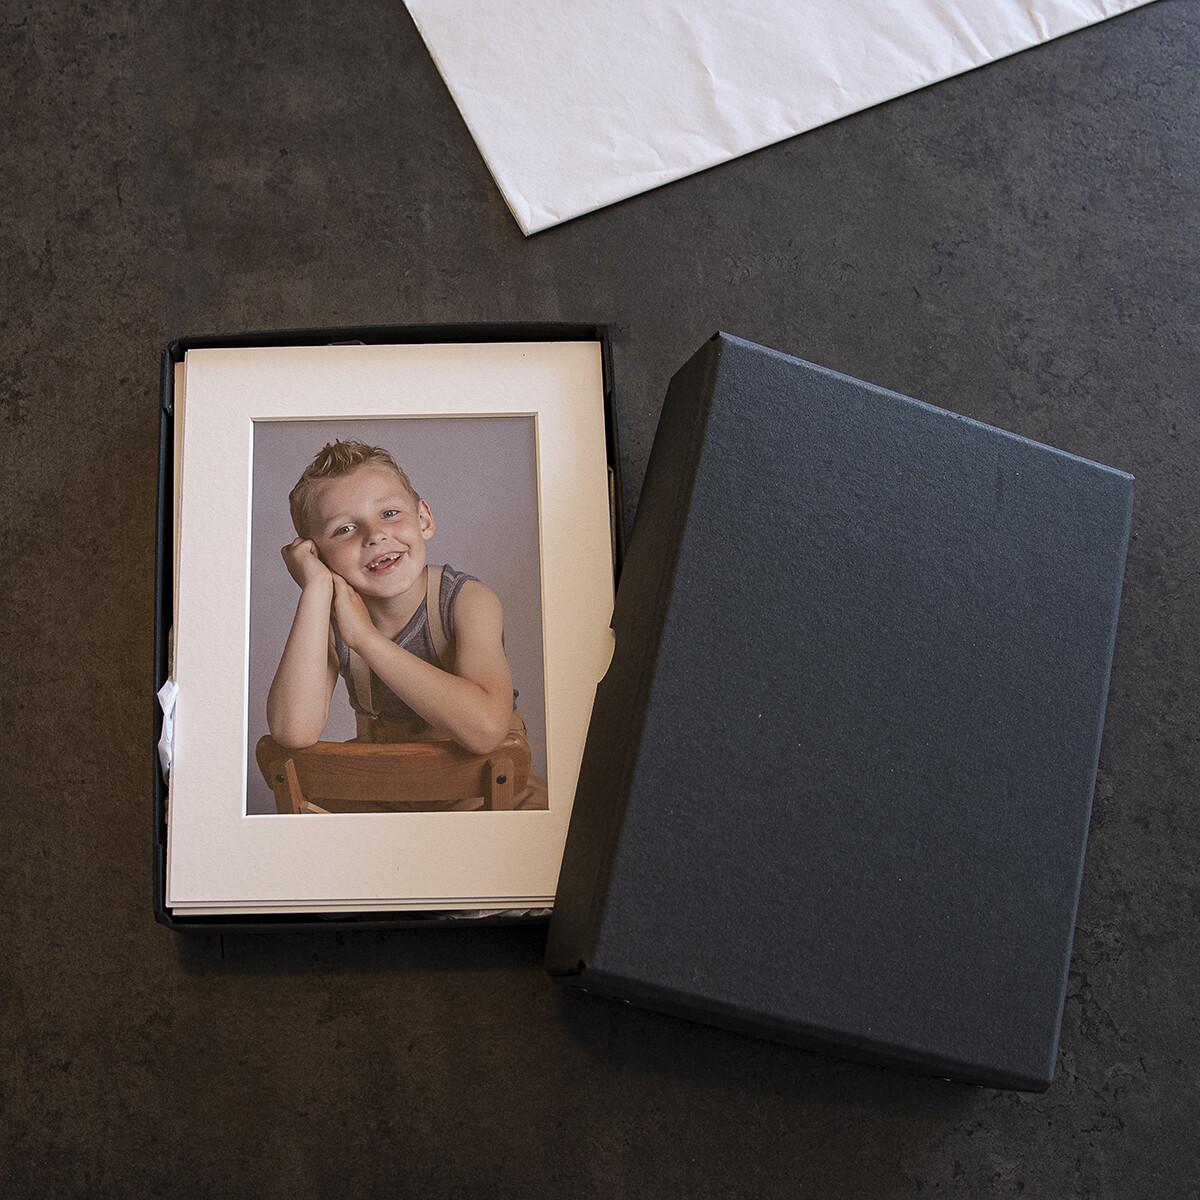 Pinkstudio by Angelina Devine Produkter-018 GRATIS børnefotografering Børn Nyheder Portræt Tilbud